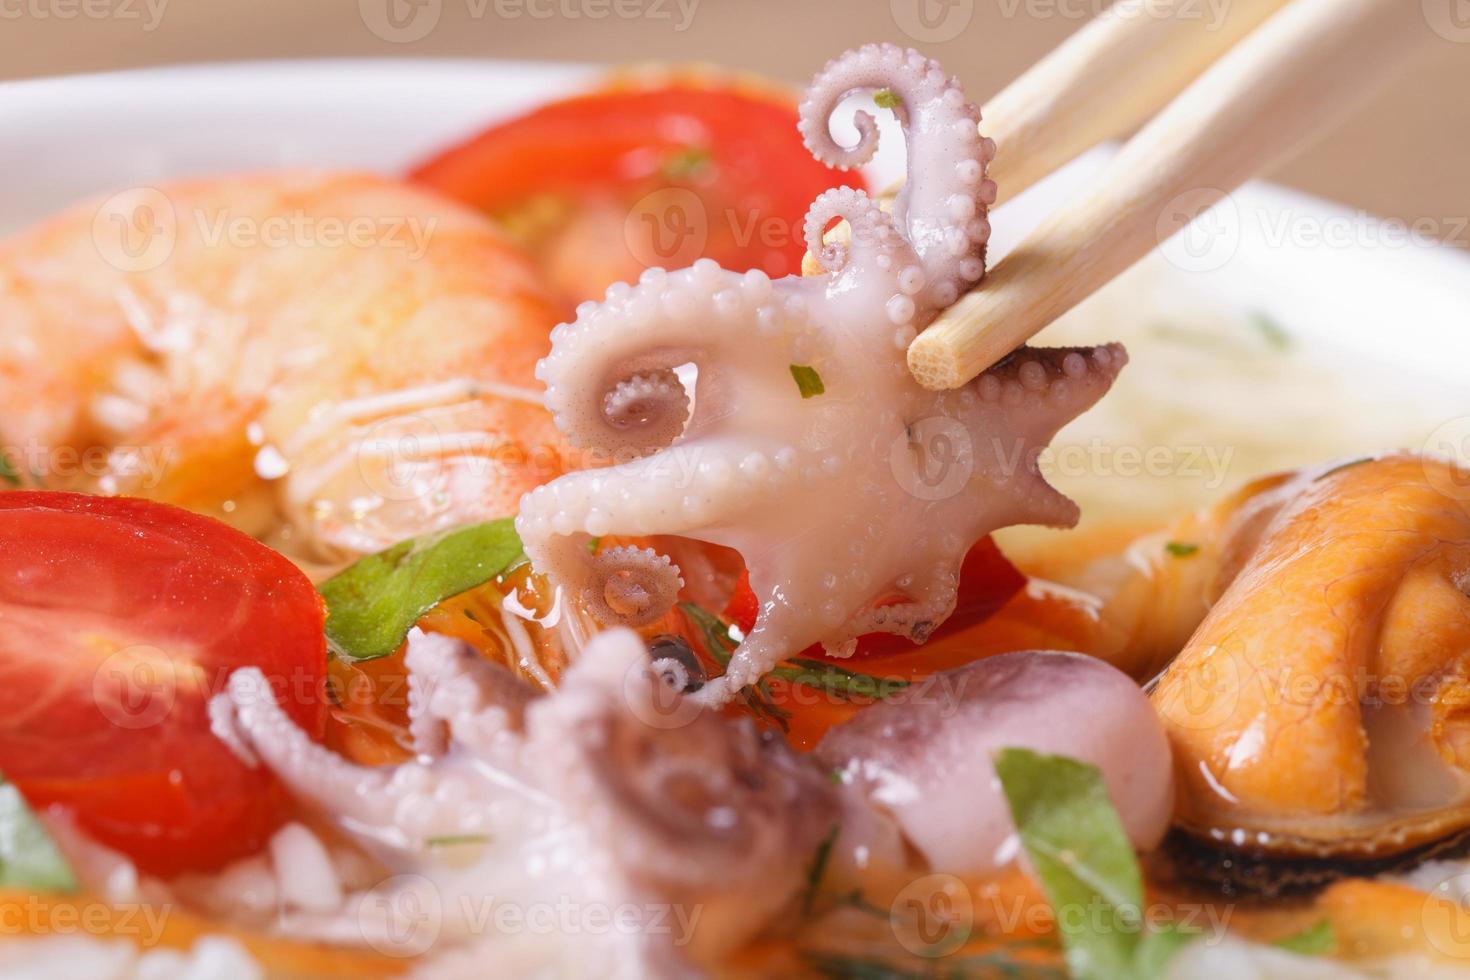 liten en bläckfisk håller pinnar makro foto